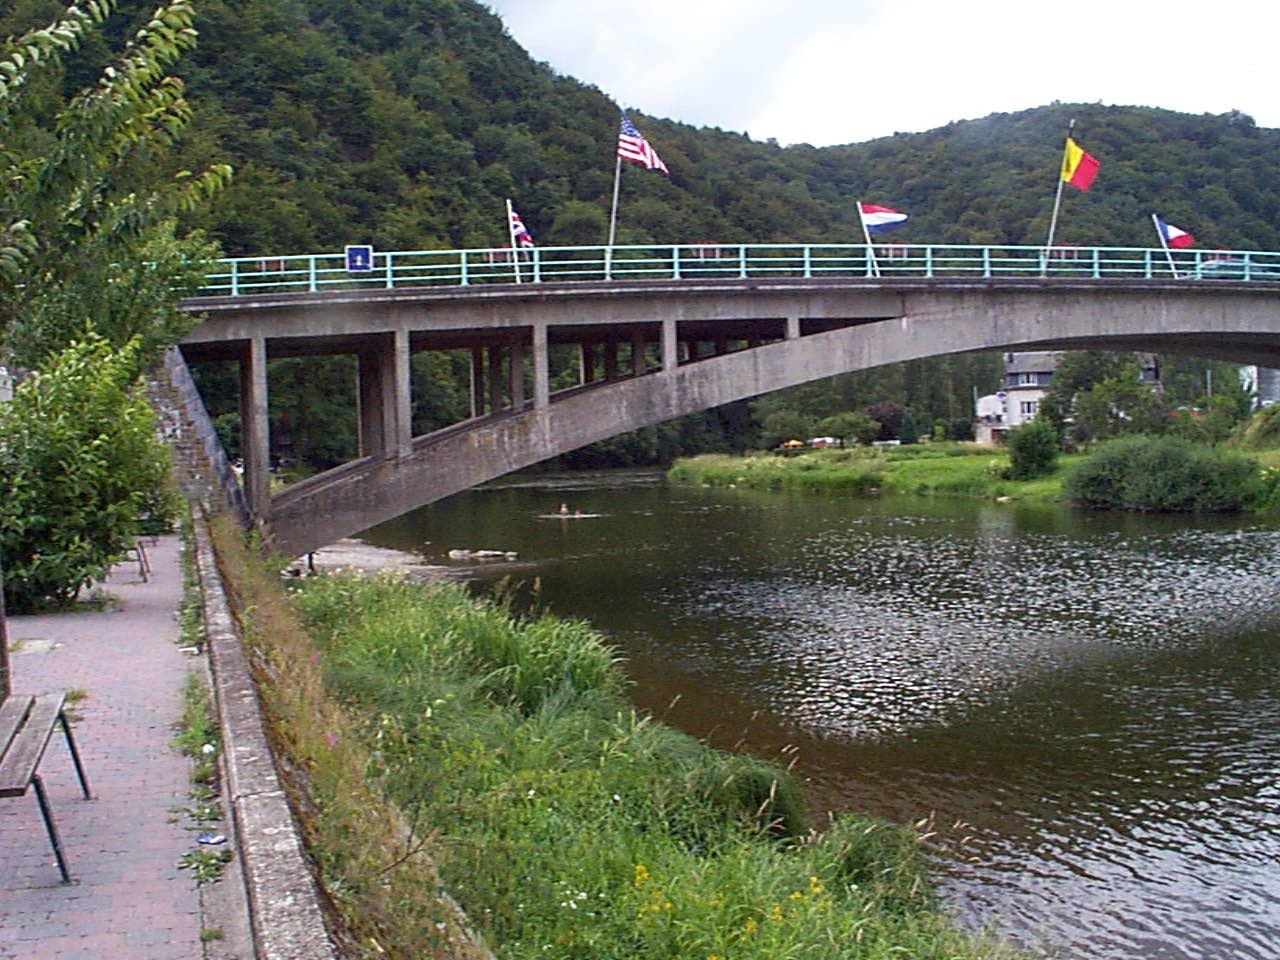 Pont de Bohan, die erste Straßenbrücke über die Semoise in Belgien.